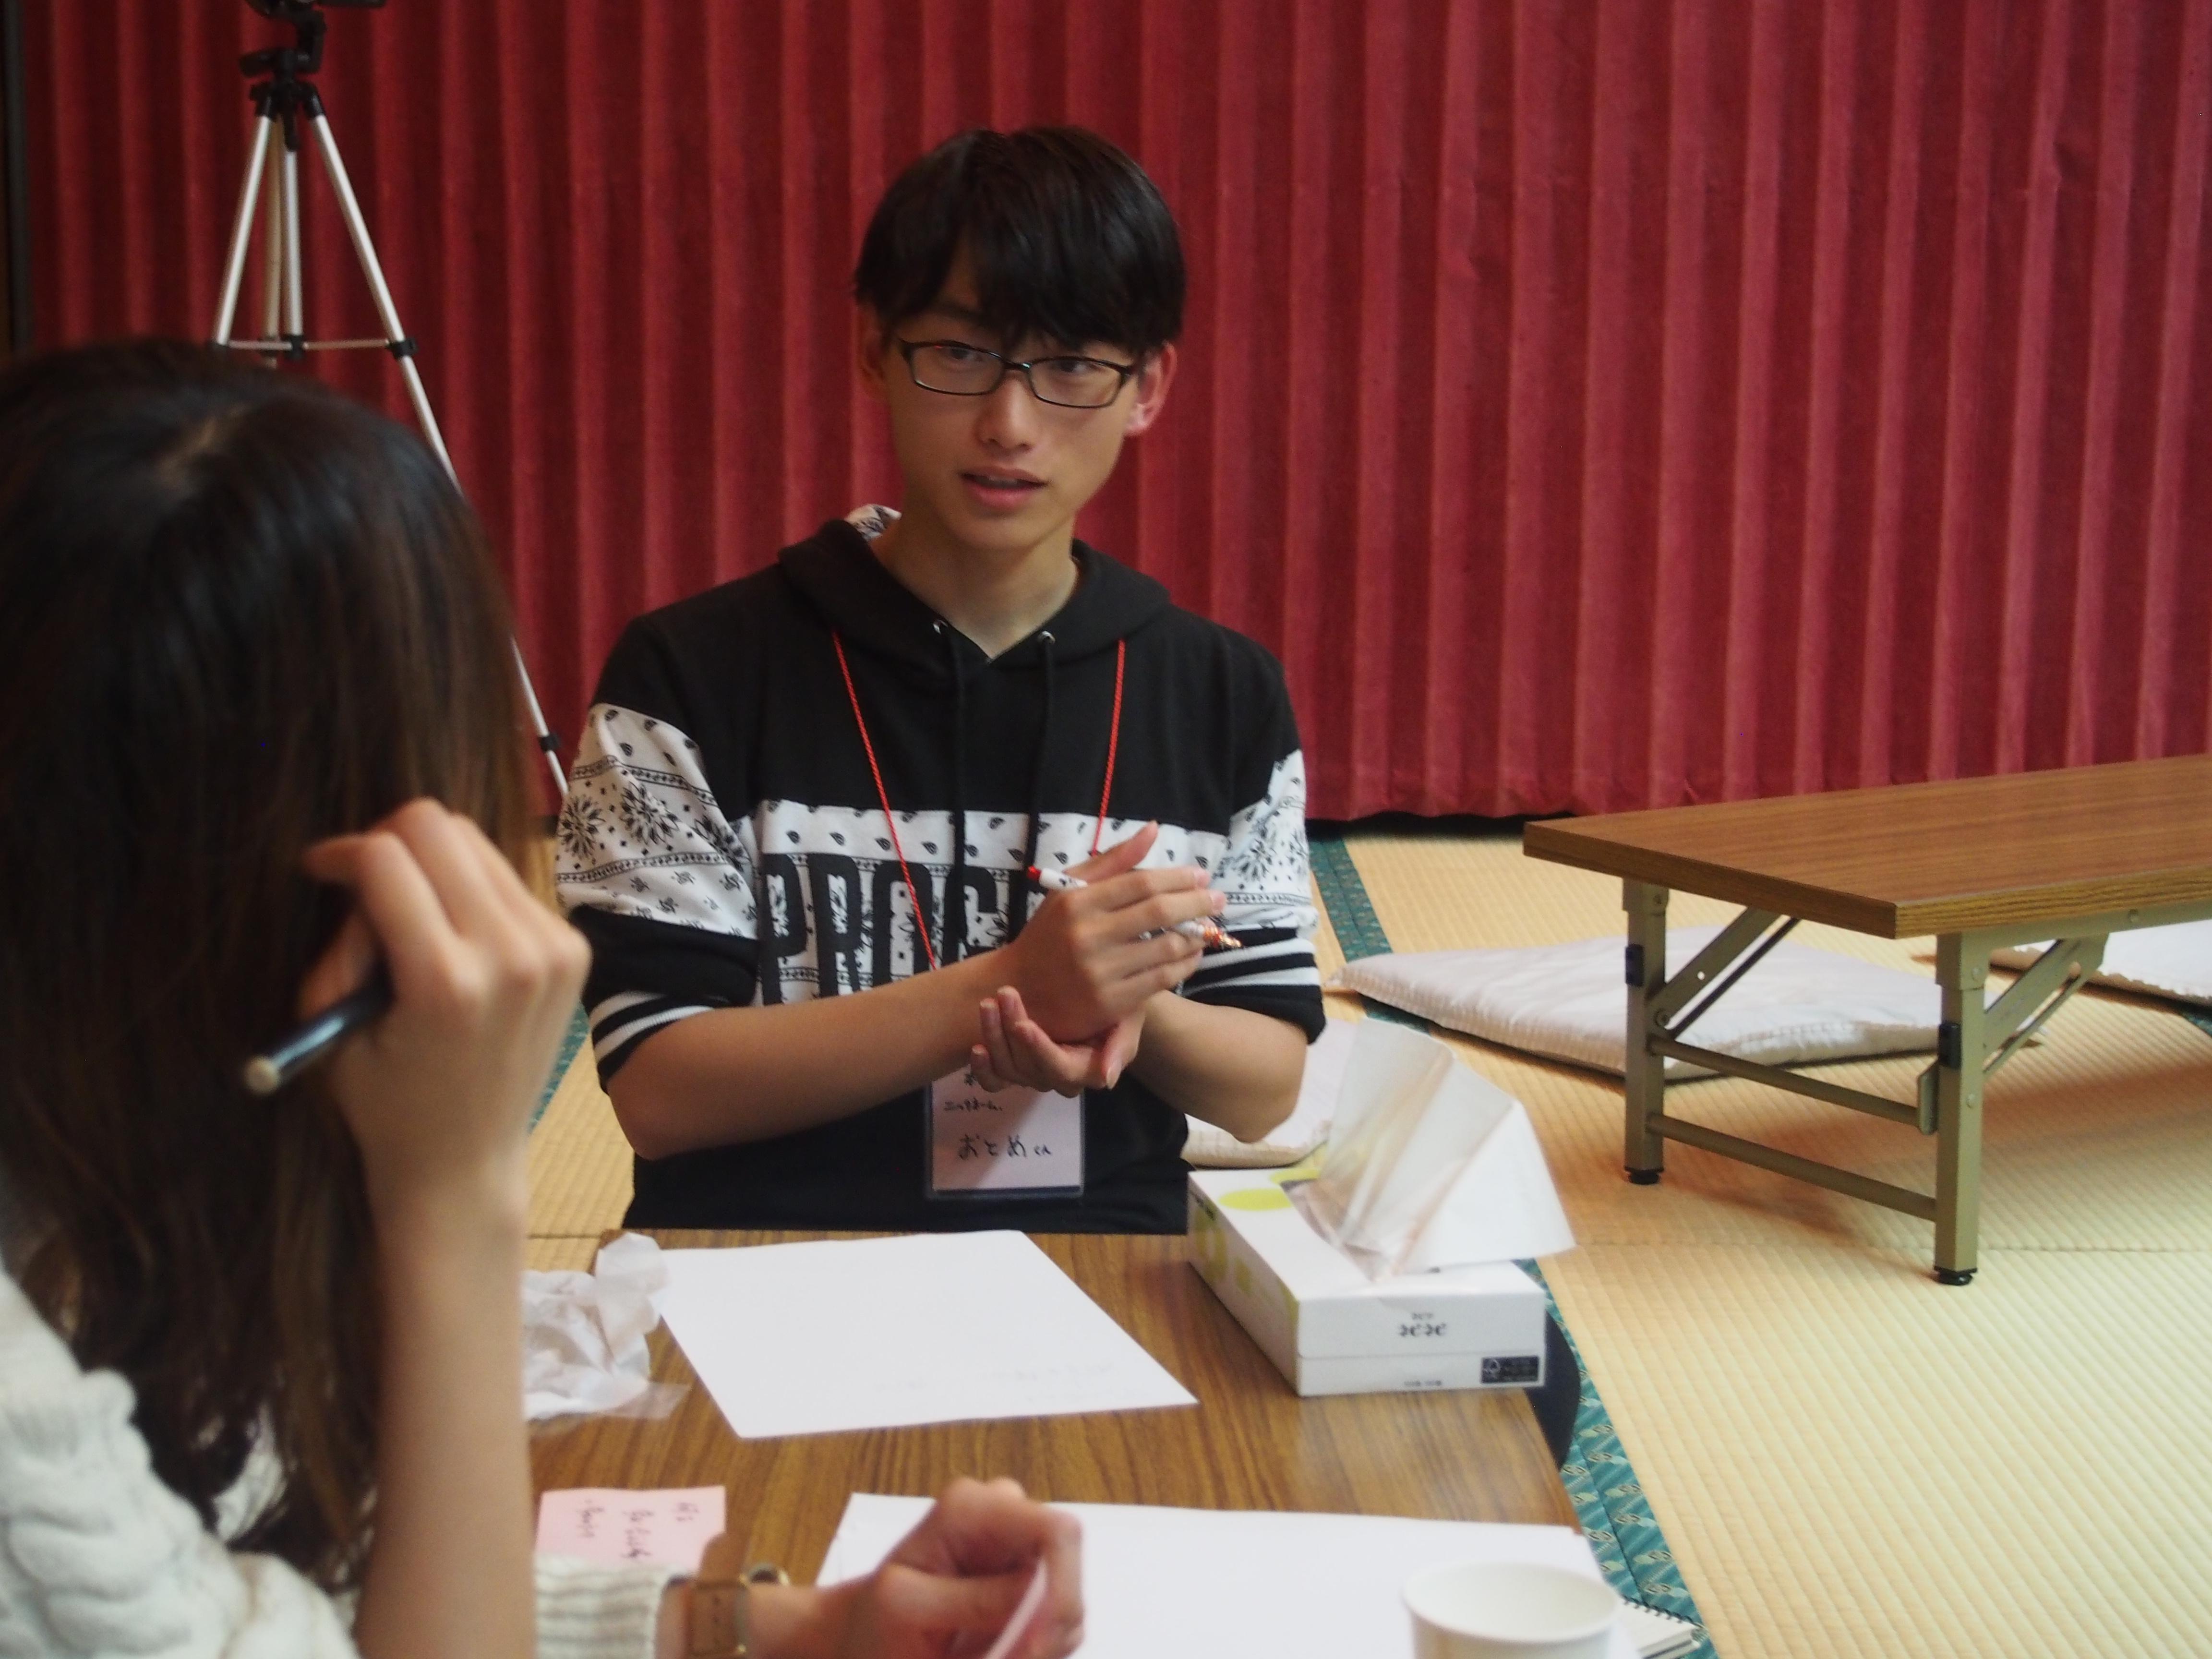 気仙沼の高校生マイプロジェクトアワード スタートアップ合宿